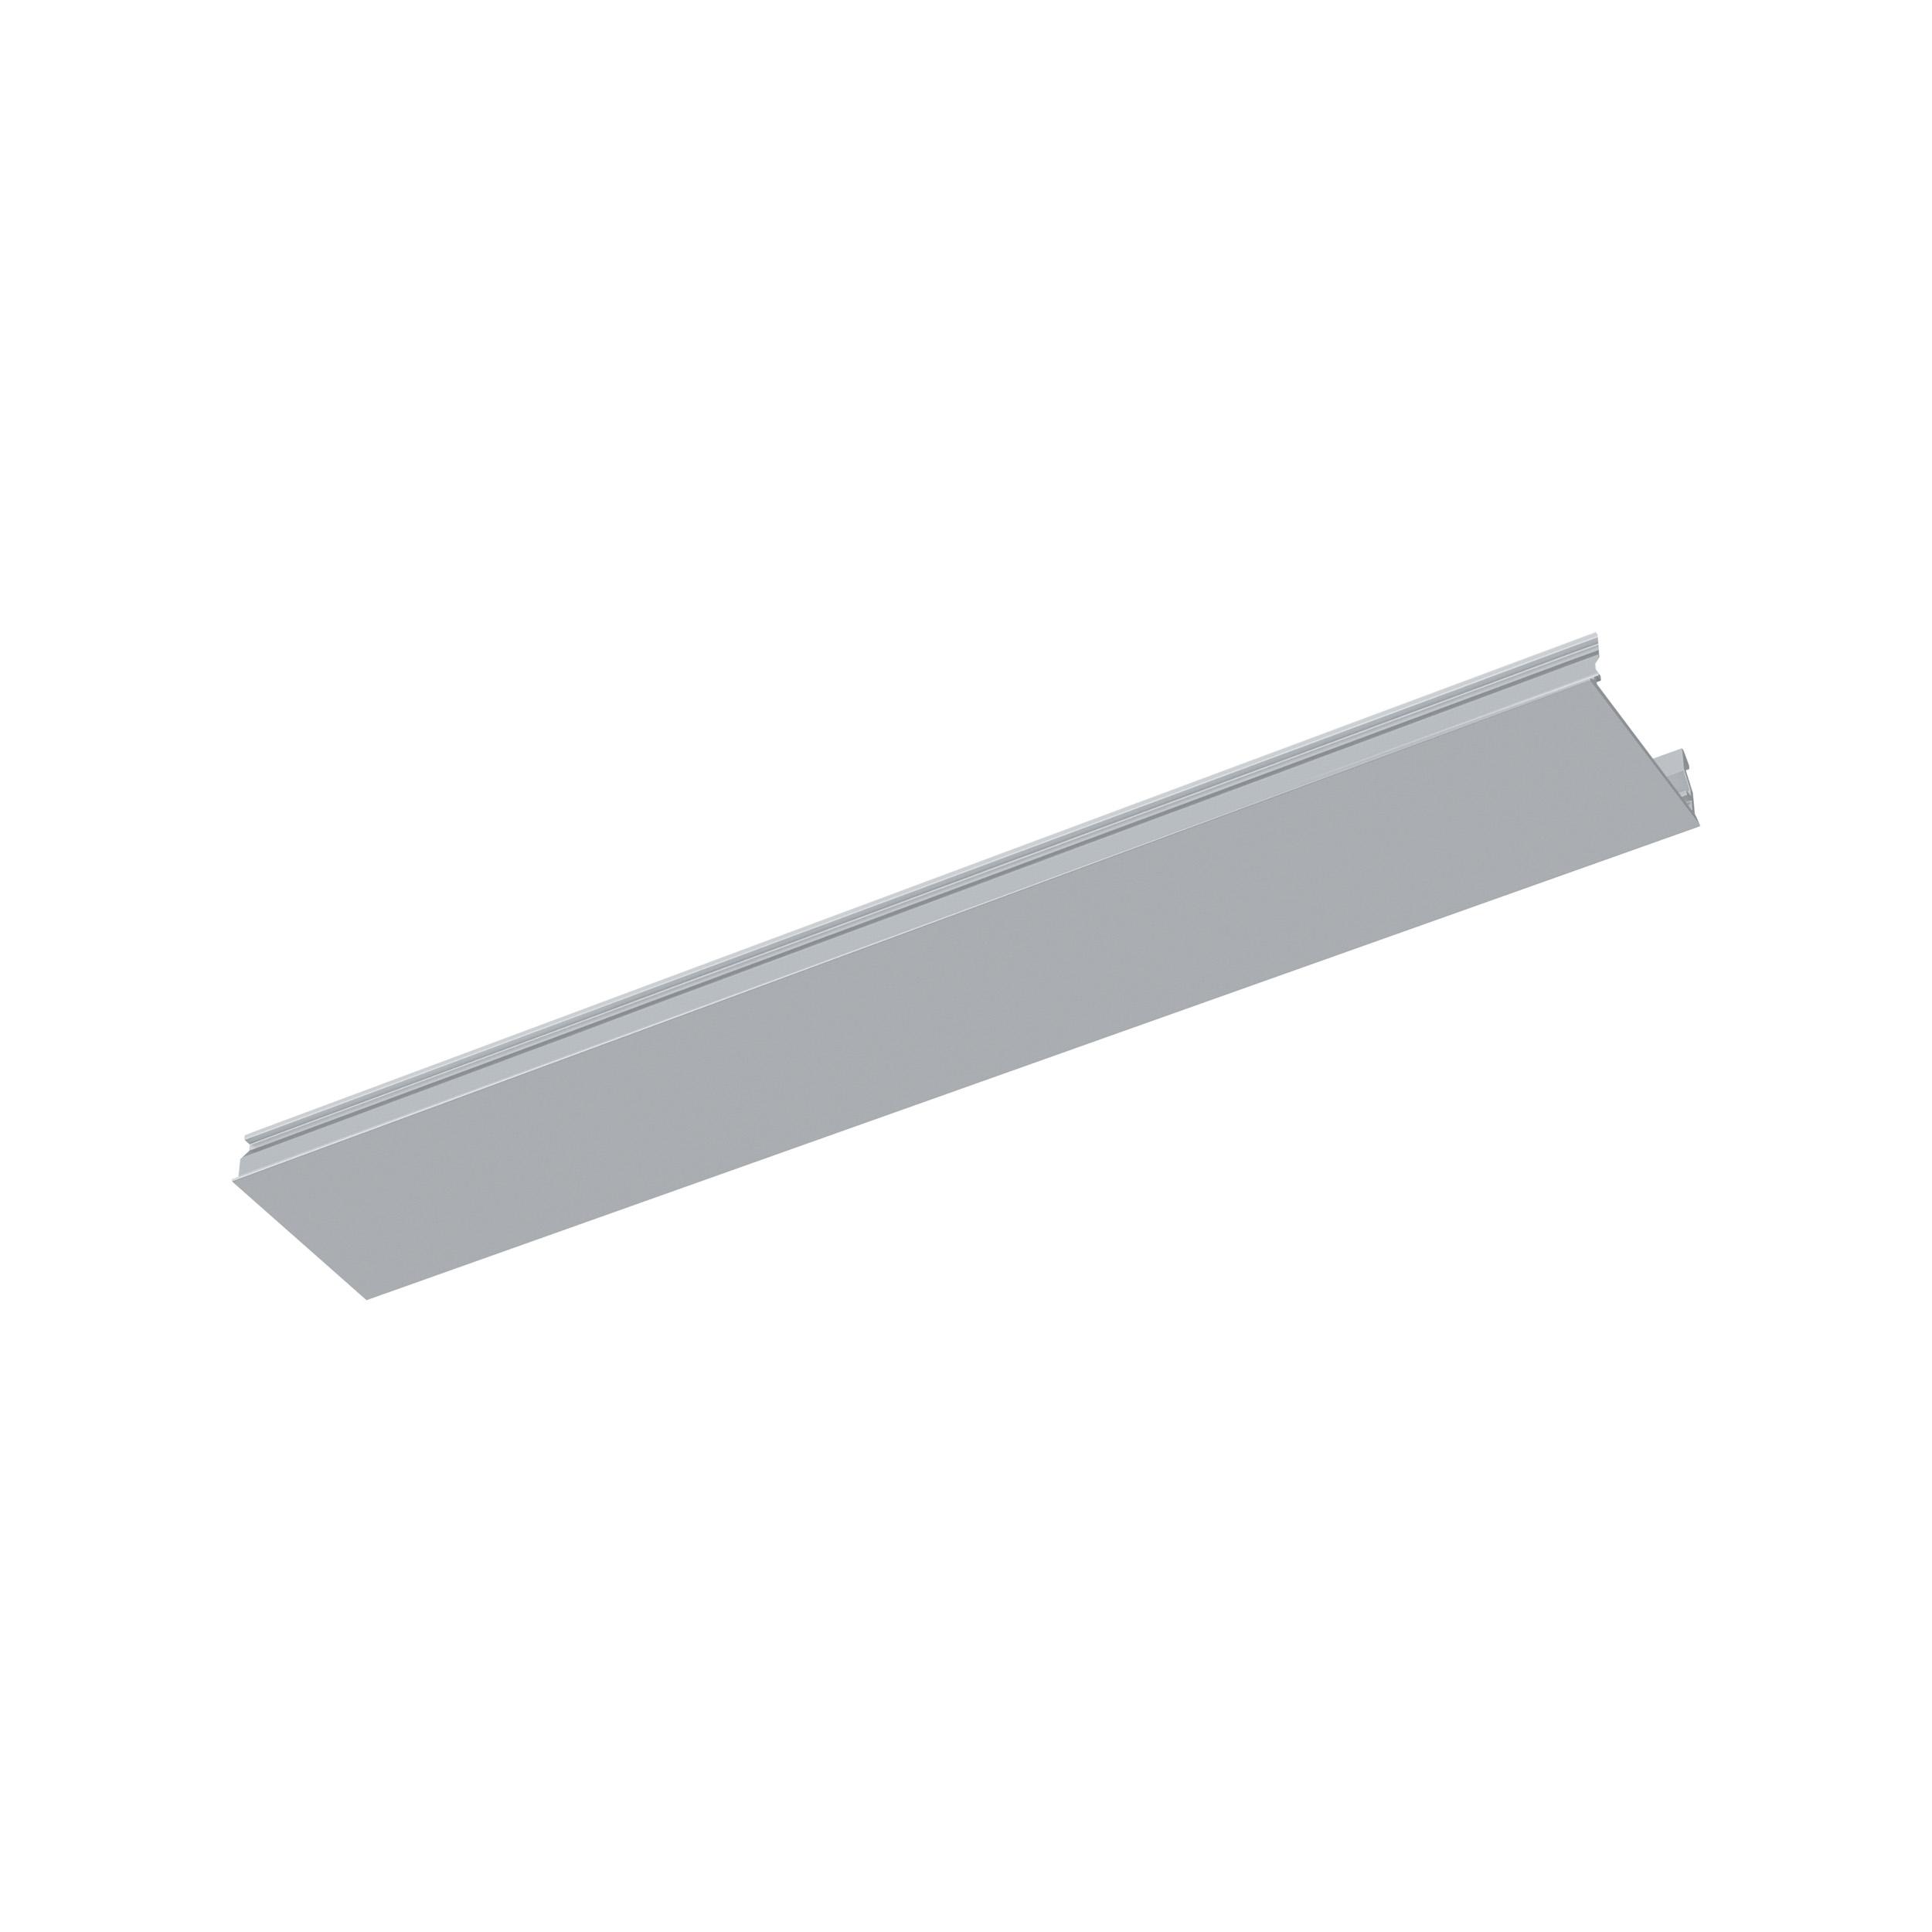 1 Stk Abdeckung Aluminium eloxiert, L-1425mm LI65342---